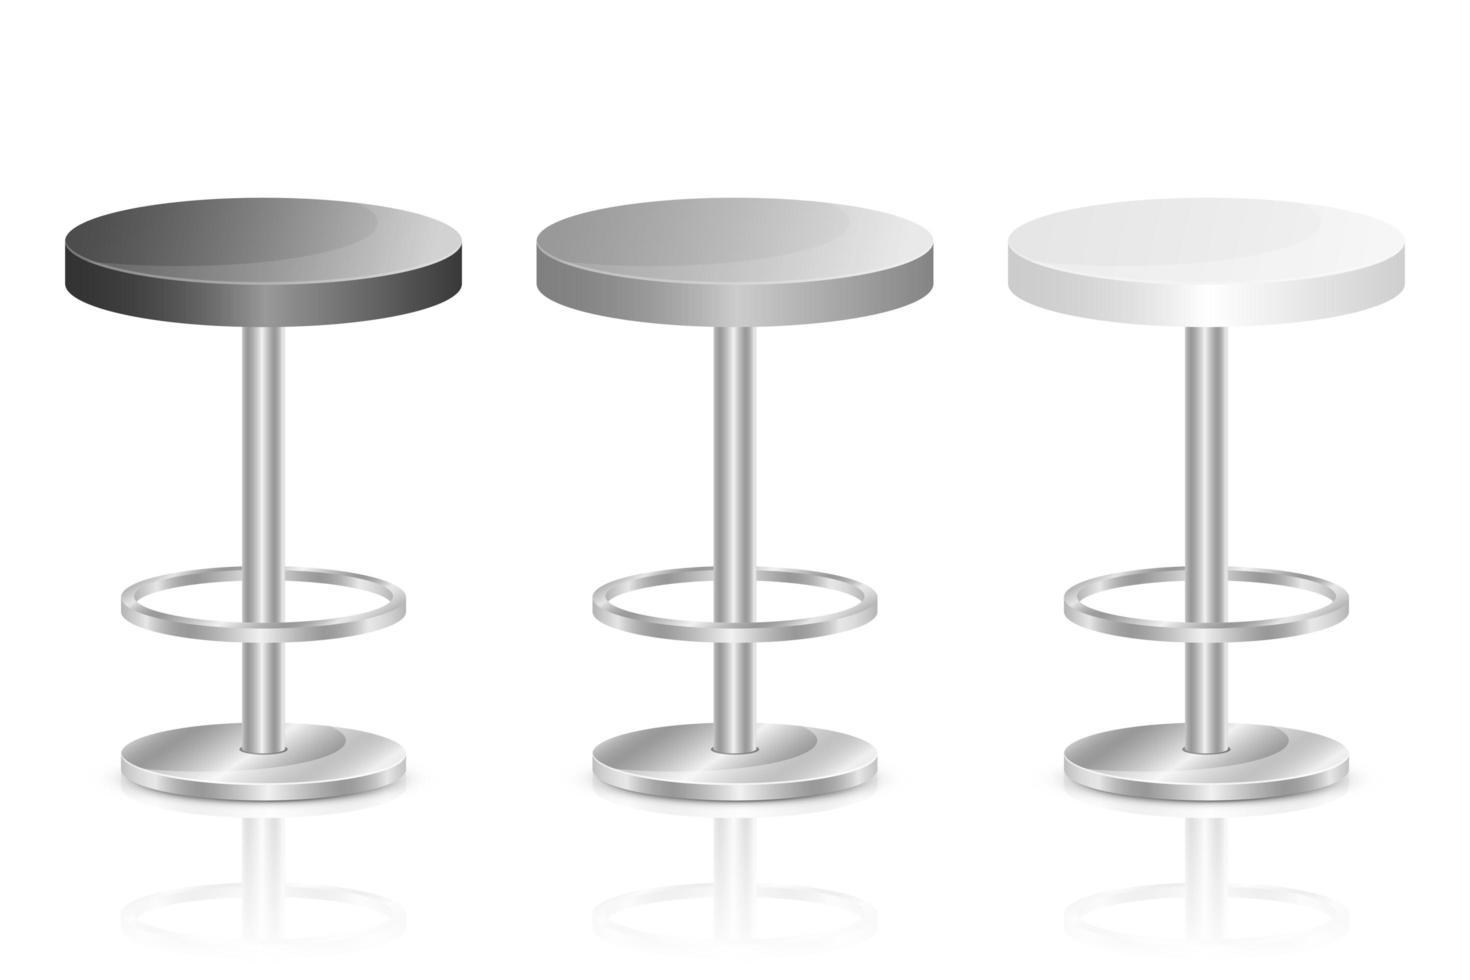 bar stol vektor design illustration isolerad på vit bakgrund